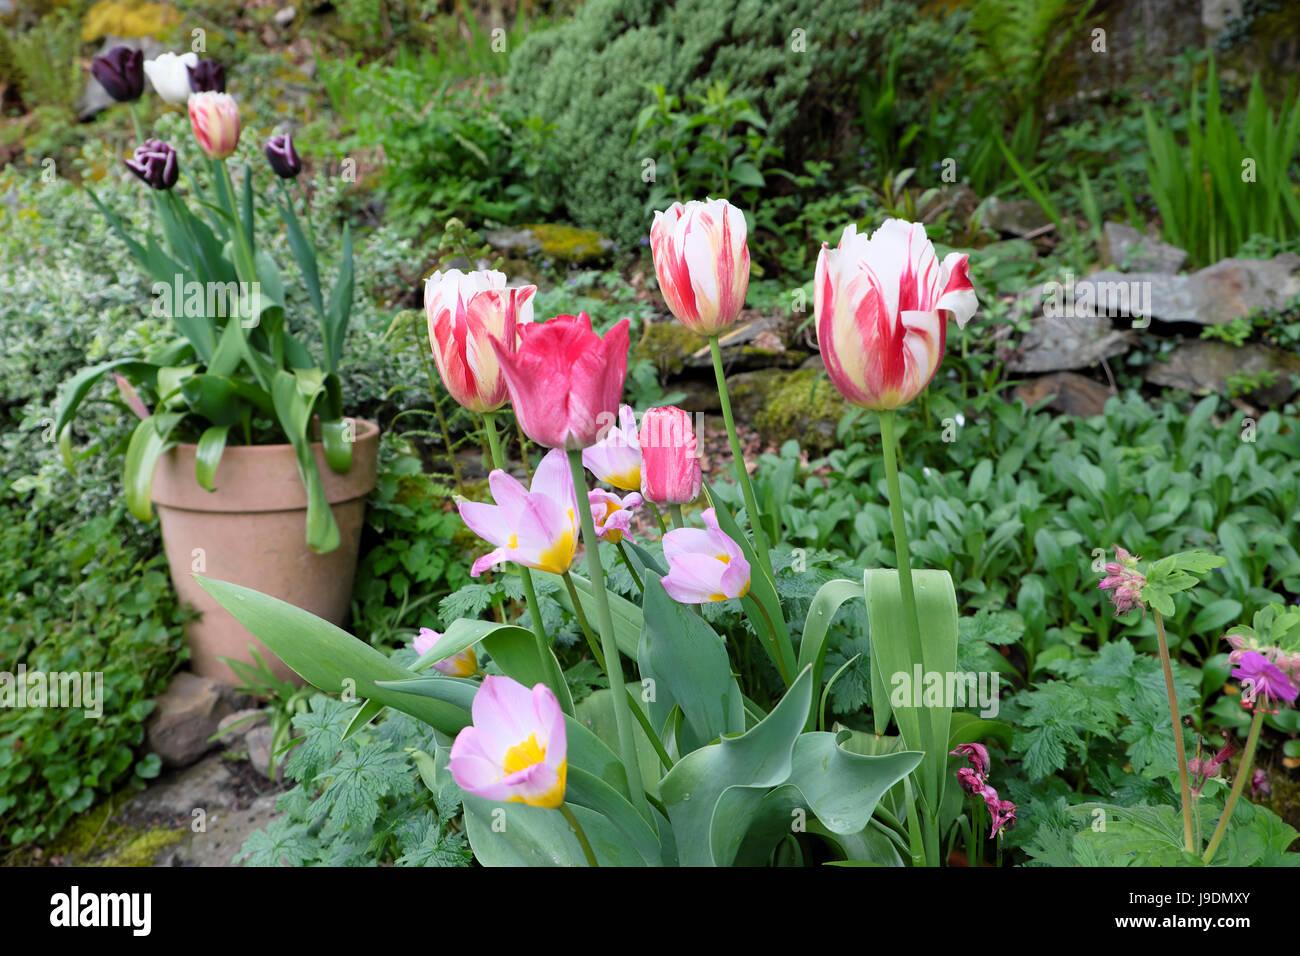 Tulips Bulbs Growing In Terracotta Pot Standing In A Rock Garden Rockery In  April In Rural Wales UK KATHY DEWITT